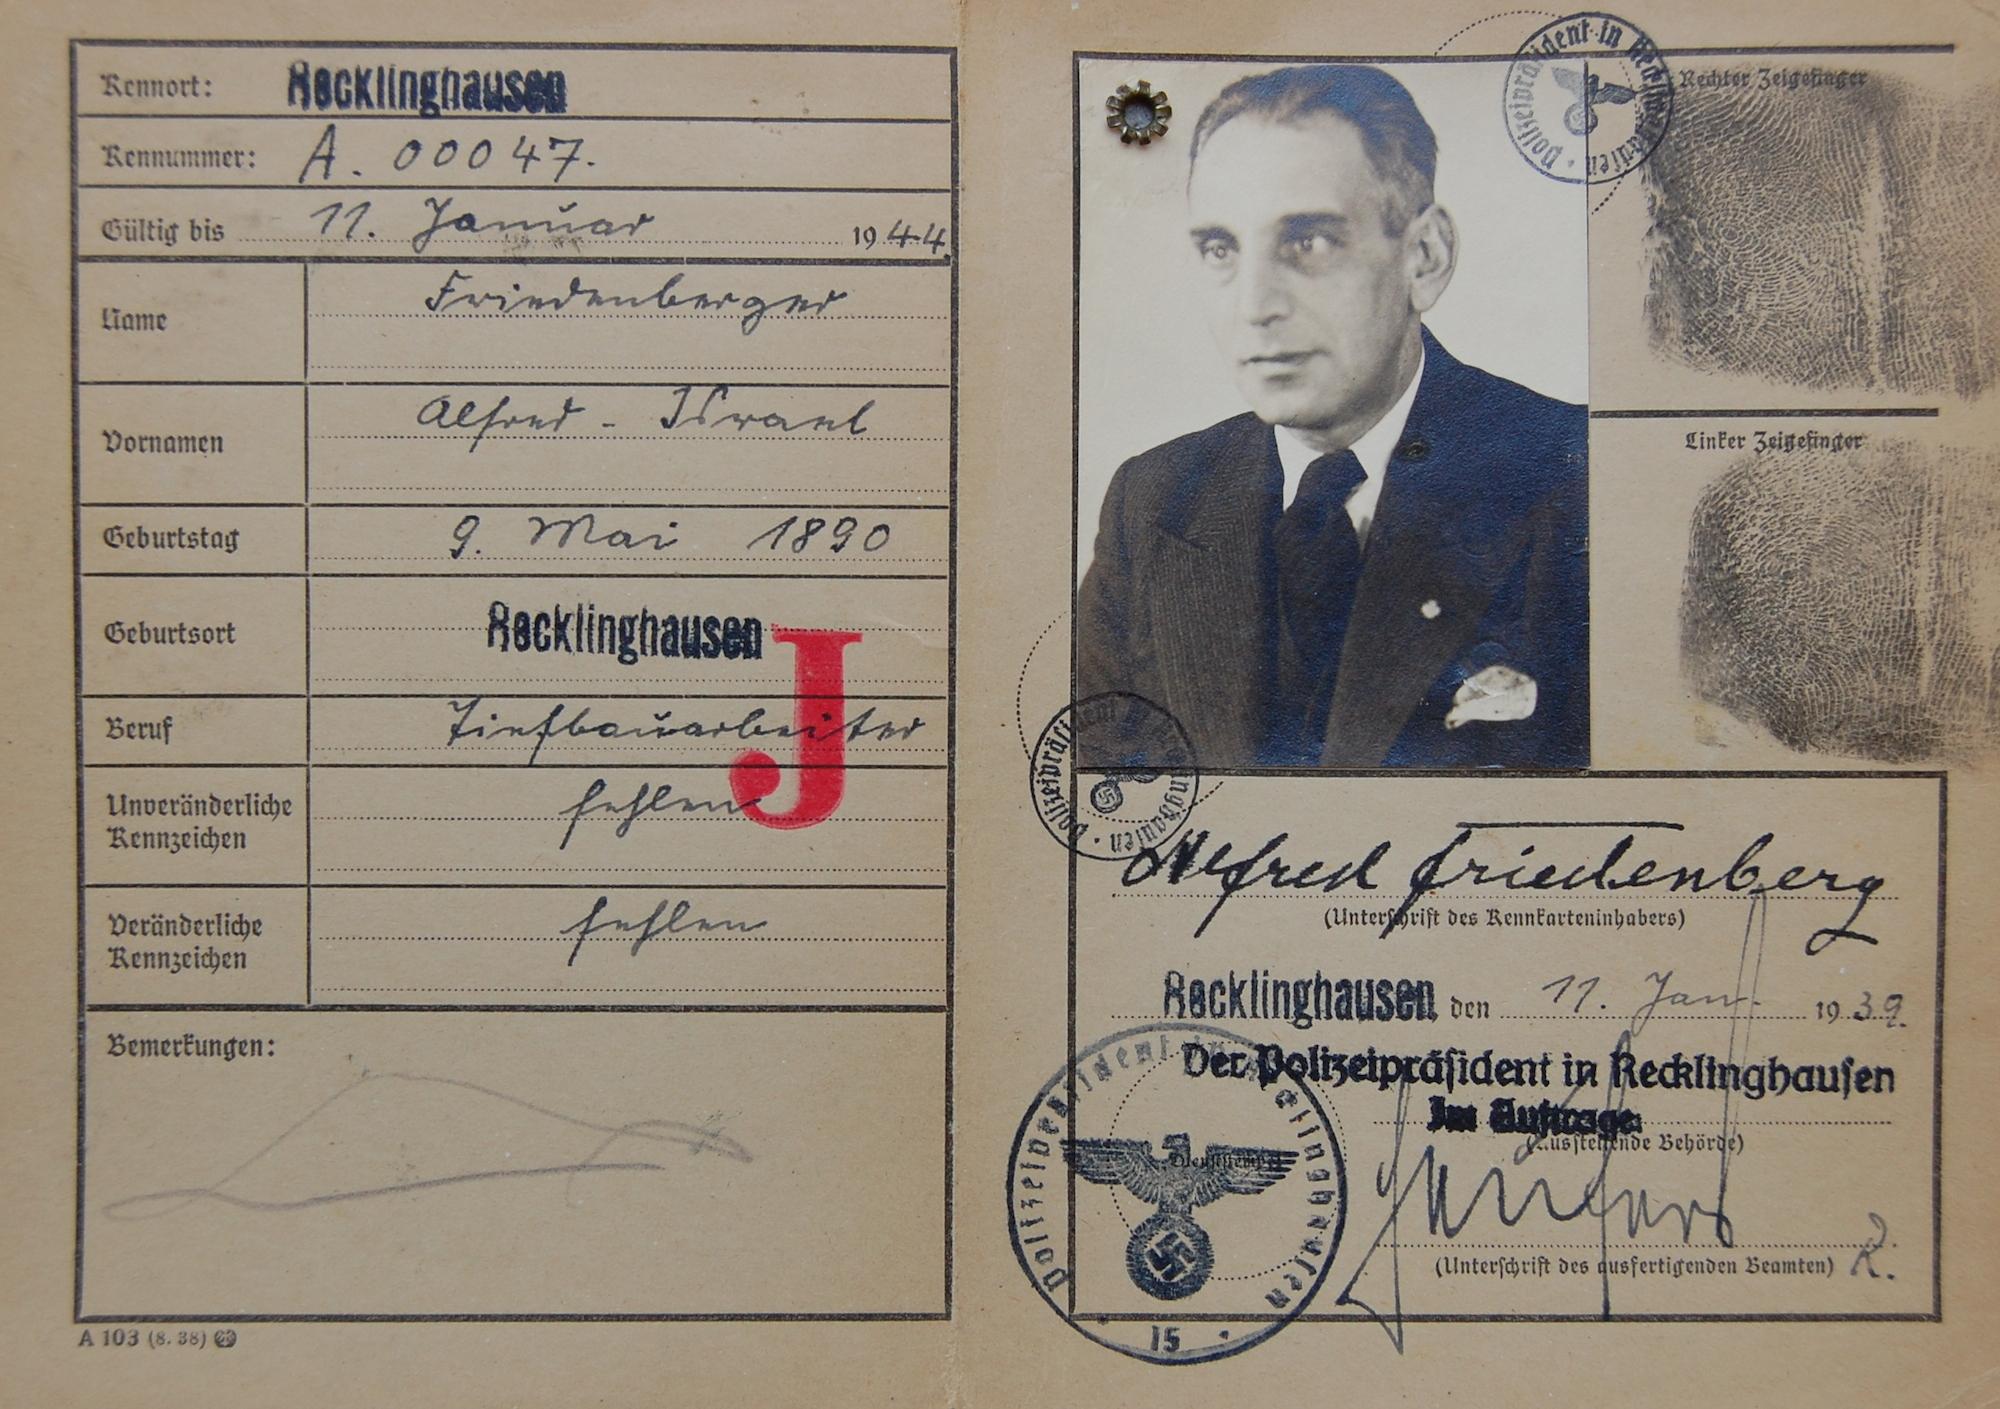 Kennkarte für Alfred Friedenberg (Foto: Archiv Georg Möllers)